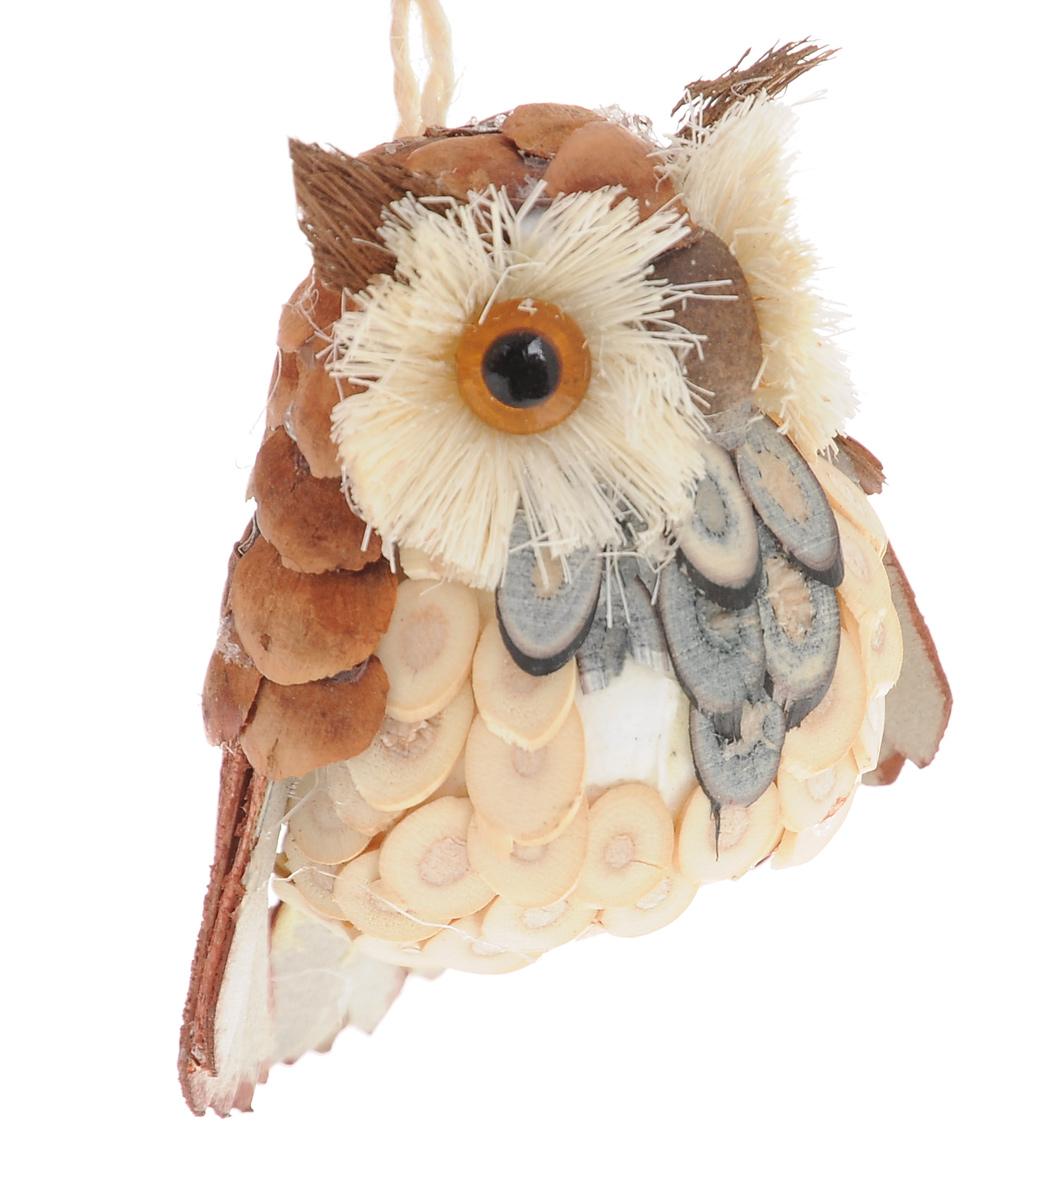 Новогоднее подвесное украшение Winter Wings Сова. N181389N181389Подвесное украшение Winter Wings Сова, изготовленное из соломы и натуральных материалов, станет отличным новогодним украшением. Подвешивается на елку с помощью текстильной петельки. Ваша зеленая красавица с таким украшением будет выглядеть стильно и волшебно. Создайте в своем доме по-настоящему сказочную атмосферу.